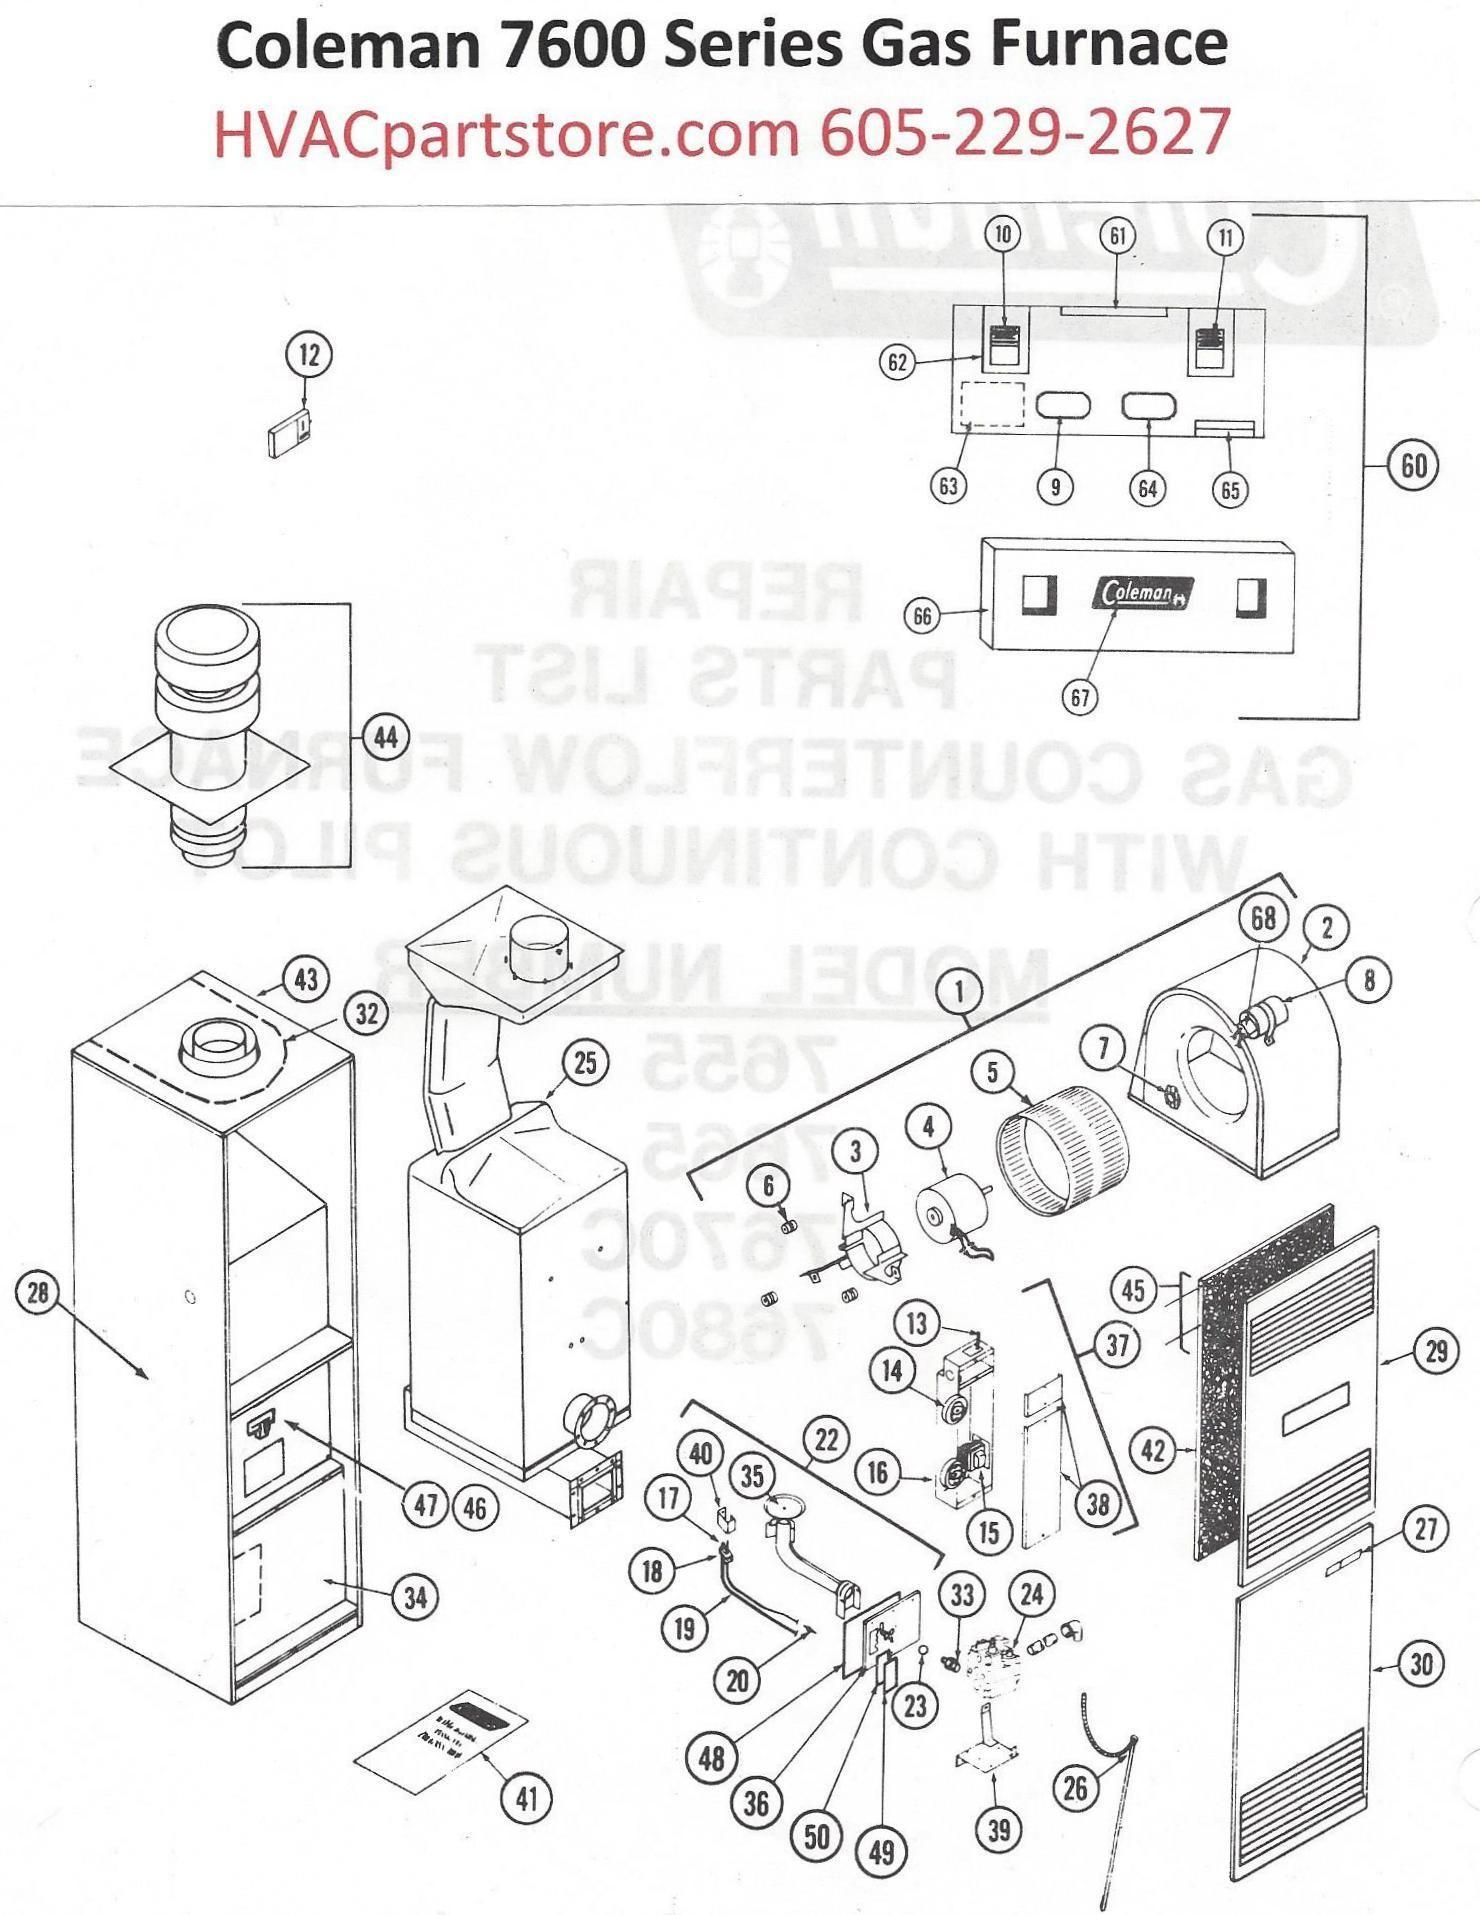 Furnace Transformer Wiring Diagram 7655 856 Coleman Gas Furnace Parts – Hvacpartstore Of Furnace Transformer Wiring Diagram